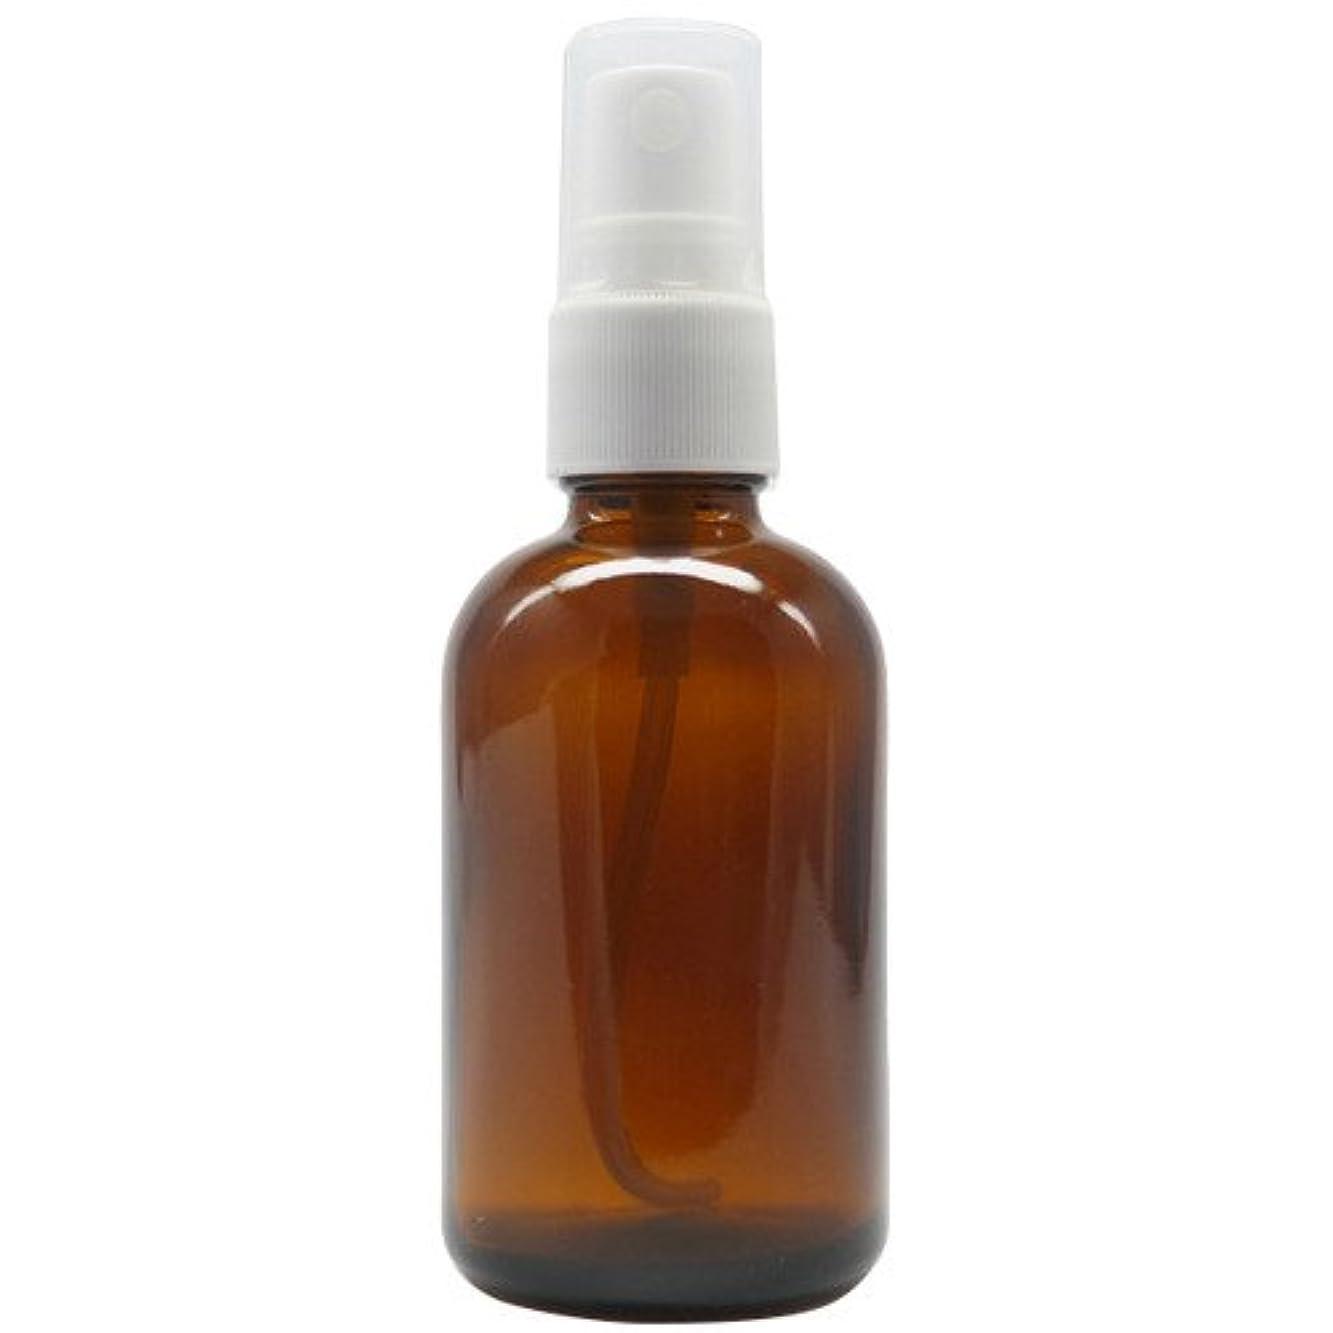 一般的に中毒死傷者アロマアンドライフ (D)茶褐色スプレー瓶60ml 3本セット